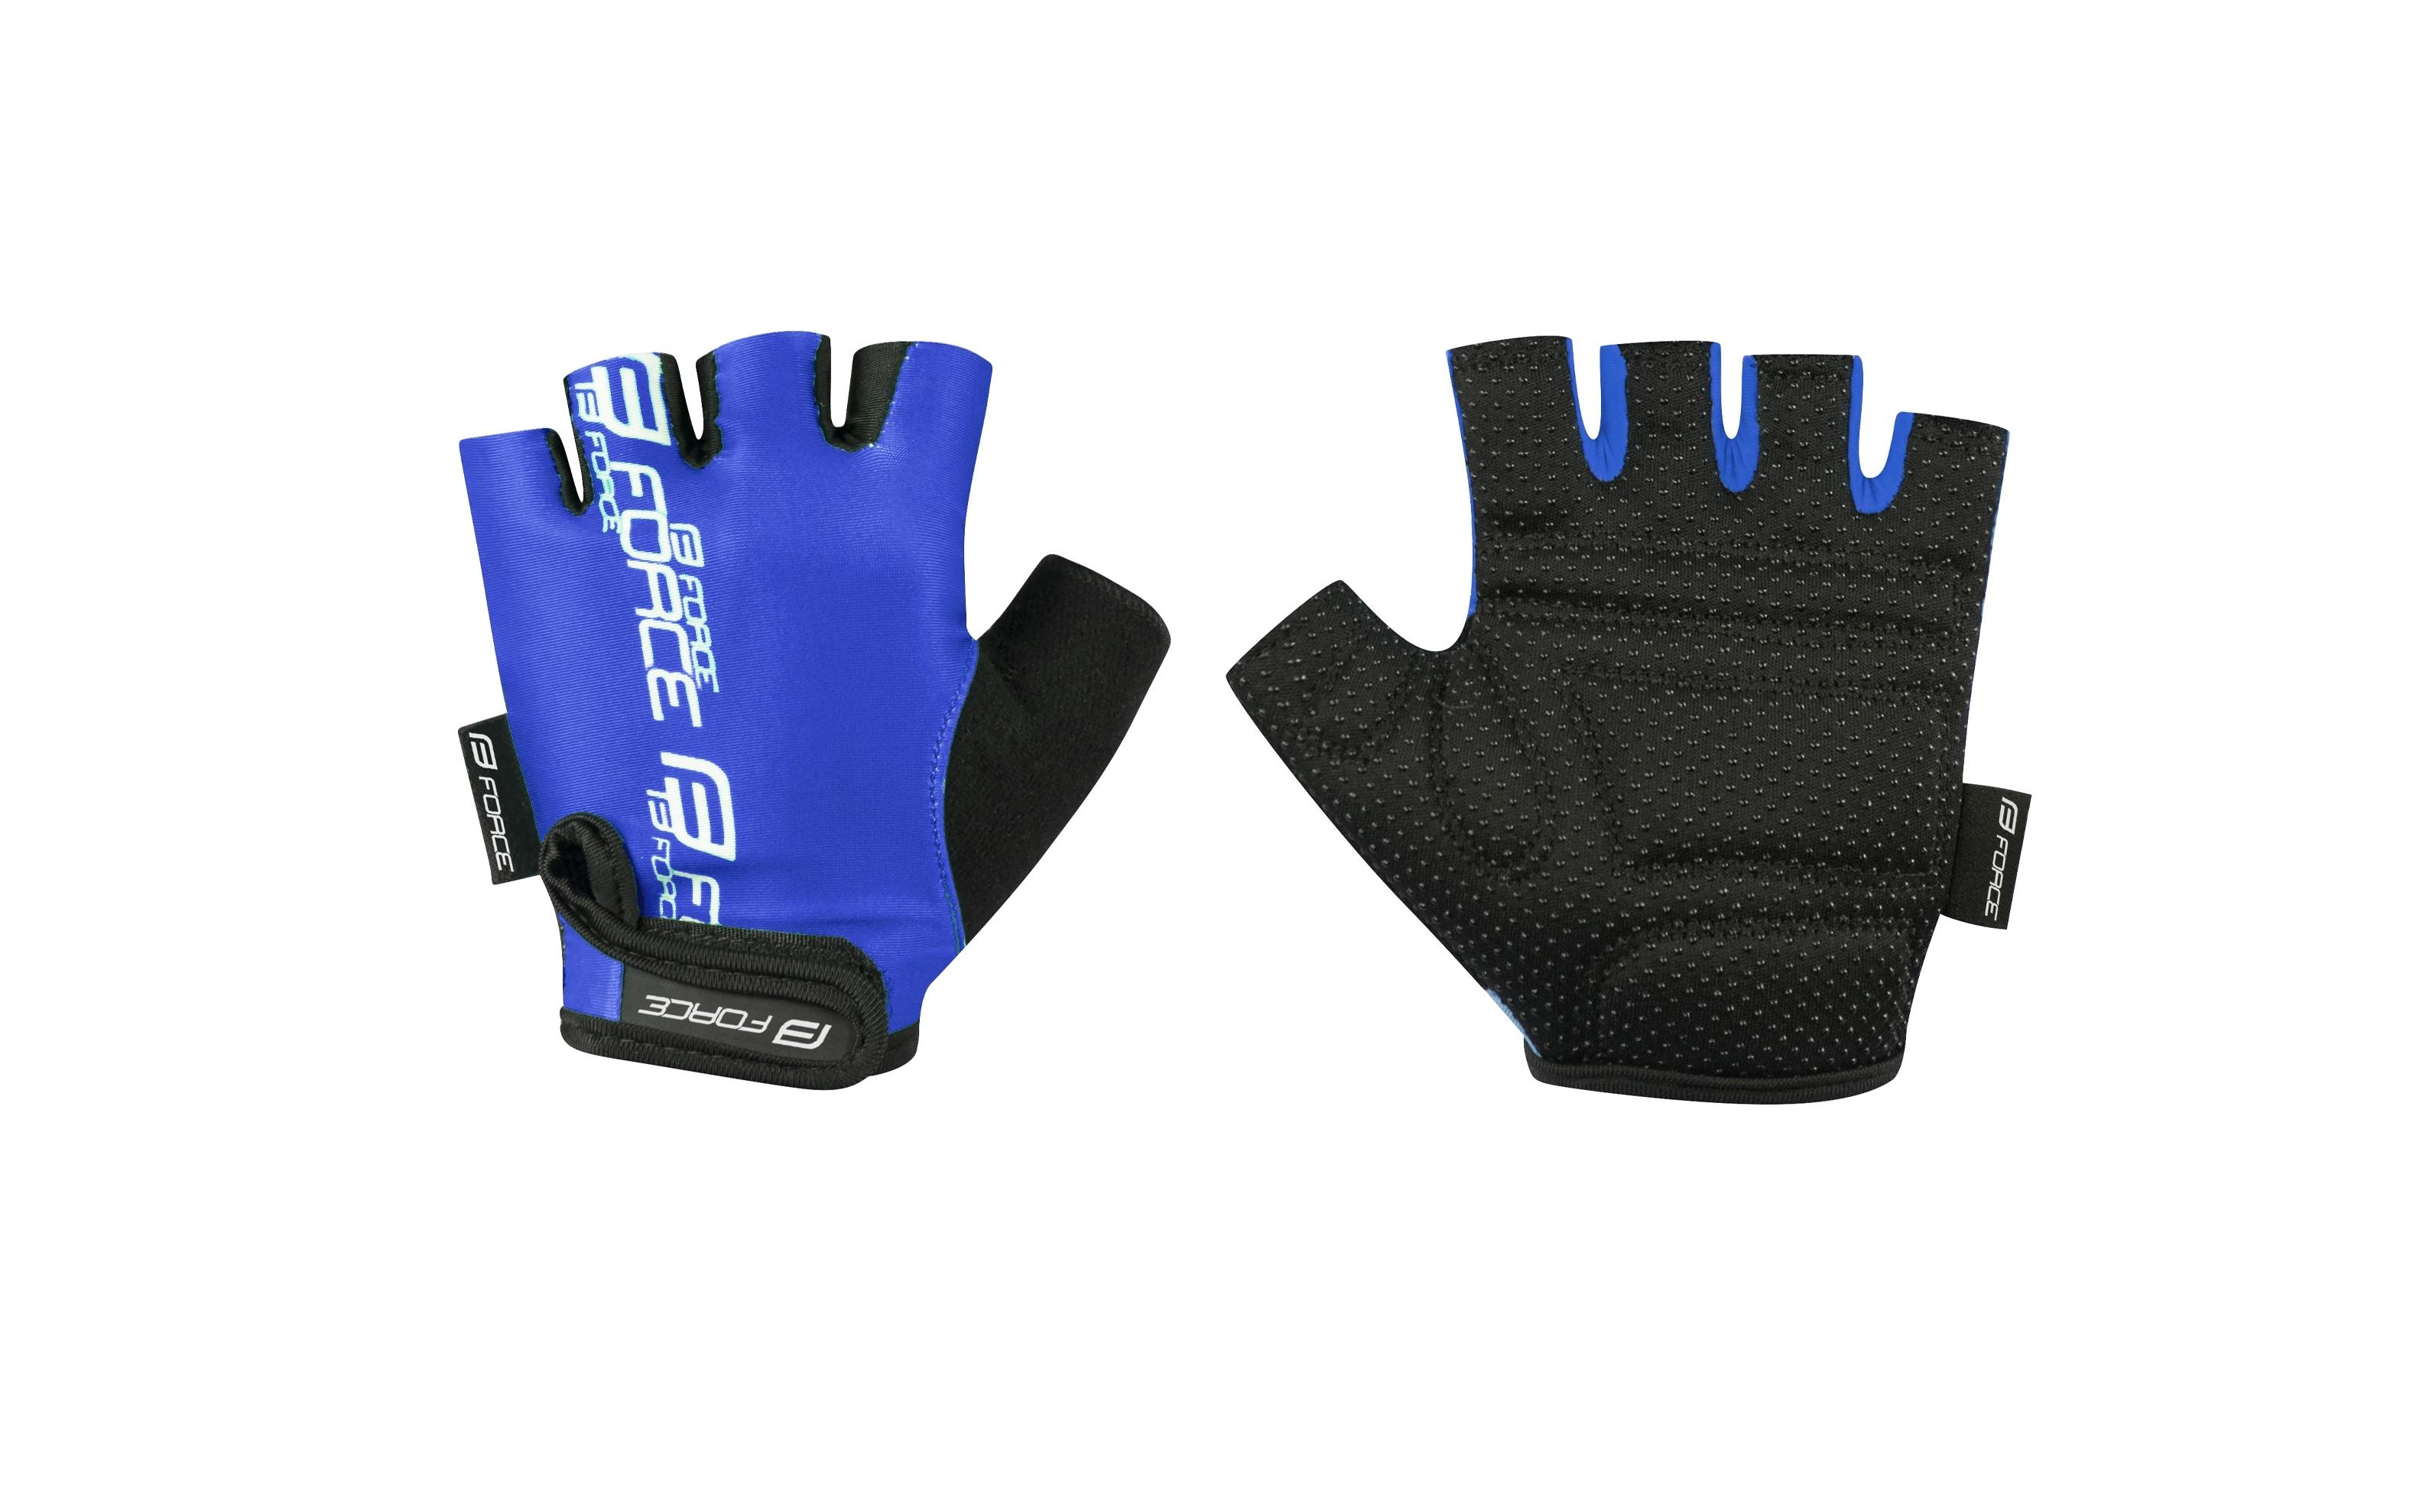 rukavice FORCE KID dětské, modré XL